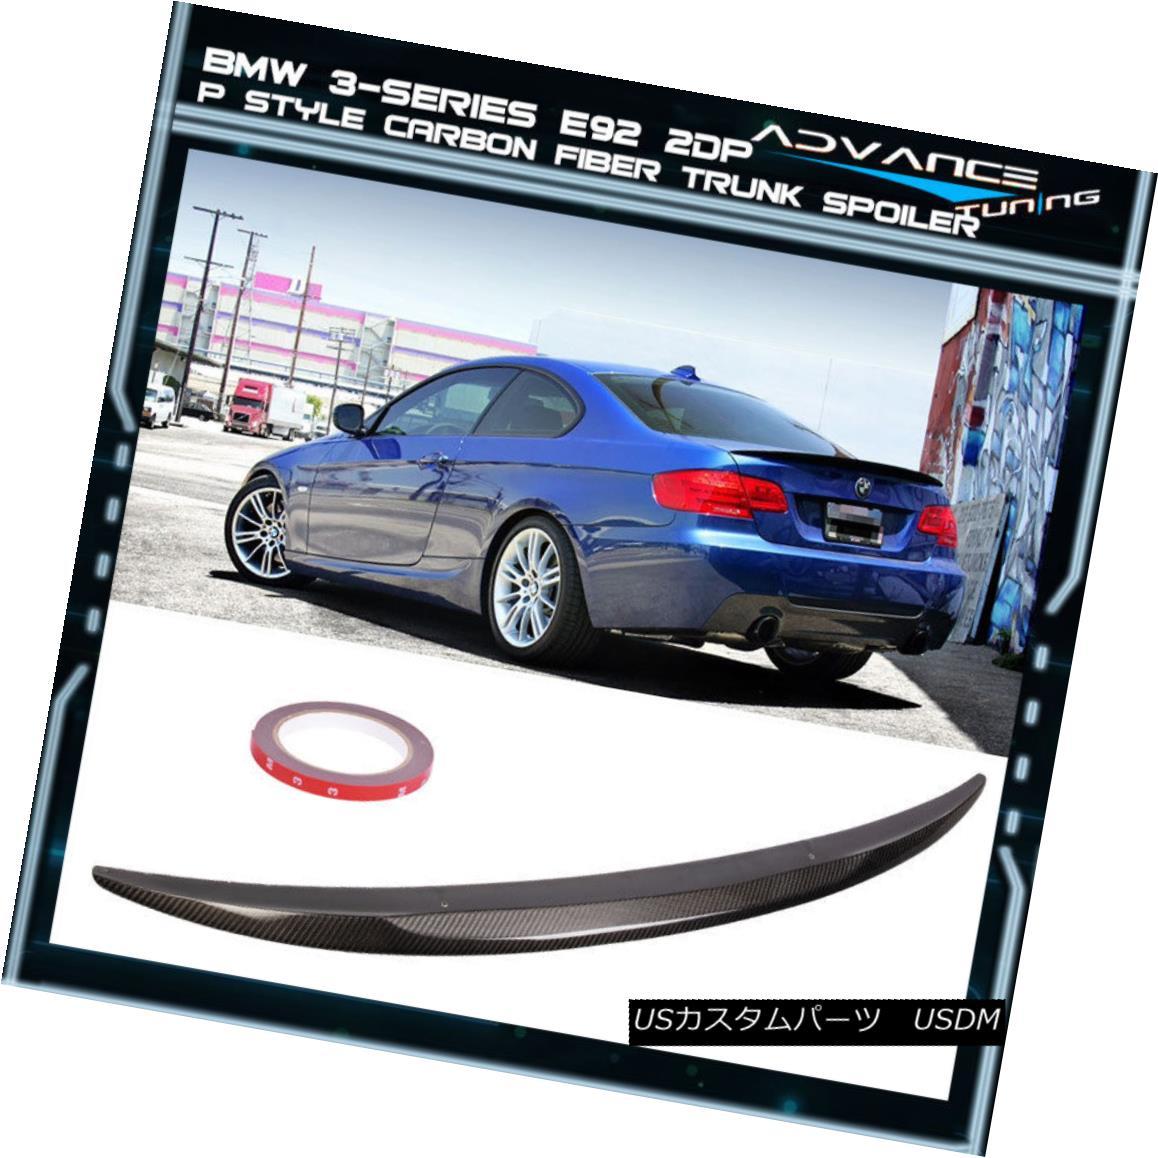 エアロパーツ 07-10 BMW 3-Series E92 2Dr Coupe M3 P Style Carbon Fiber Trunk Spoiler Lid Wing 07-10 BMW 3シリーズE92 2DrクーペM3 Pスタイルカーボンファイバートランク・スポイラーリッドウイング